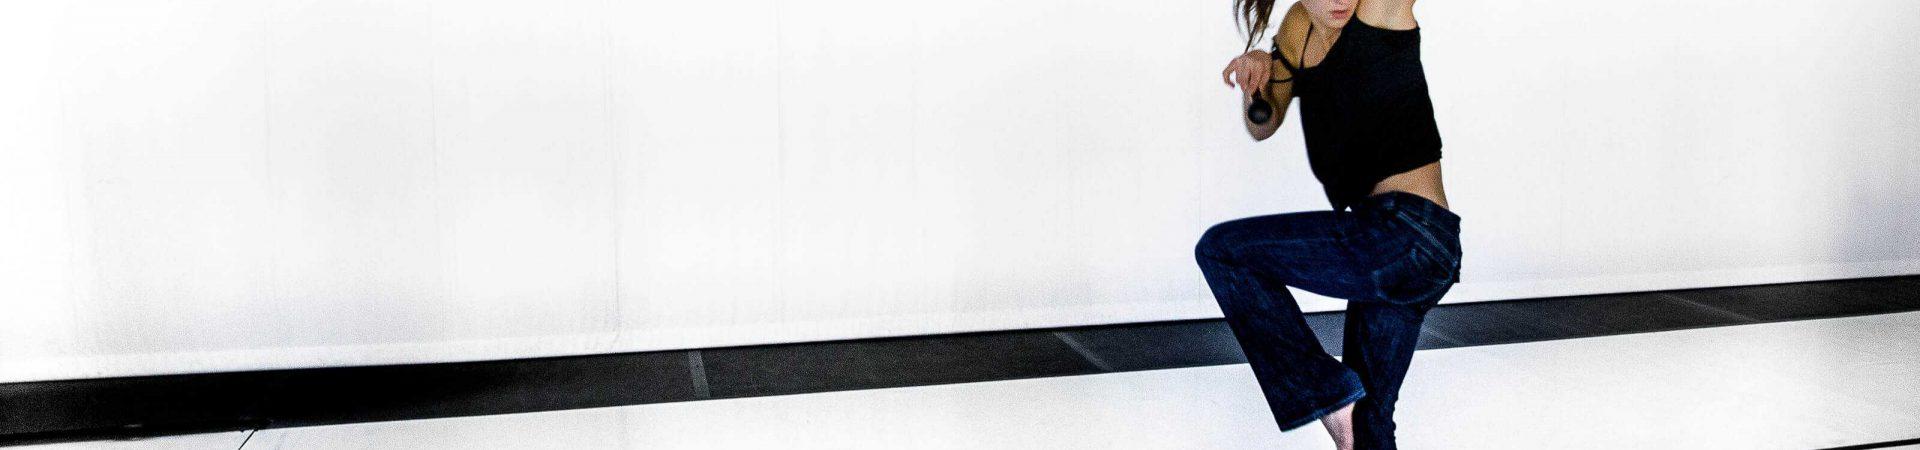 Steve Reich Project - Création 2015